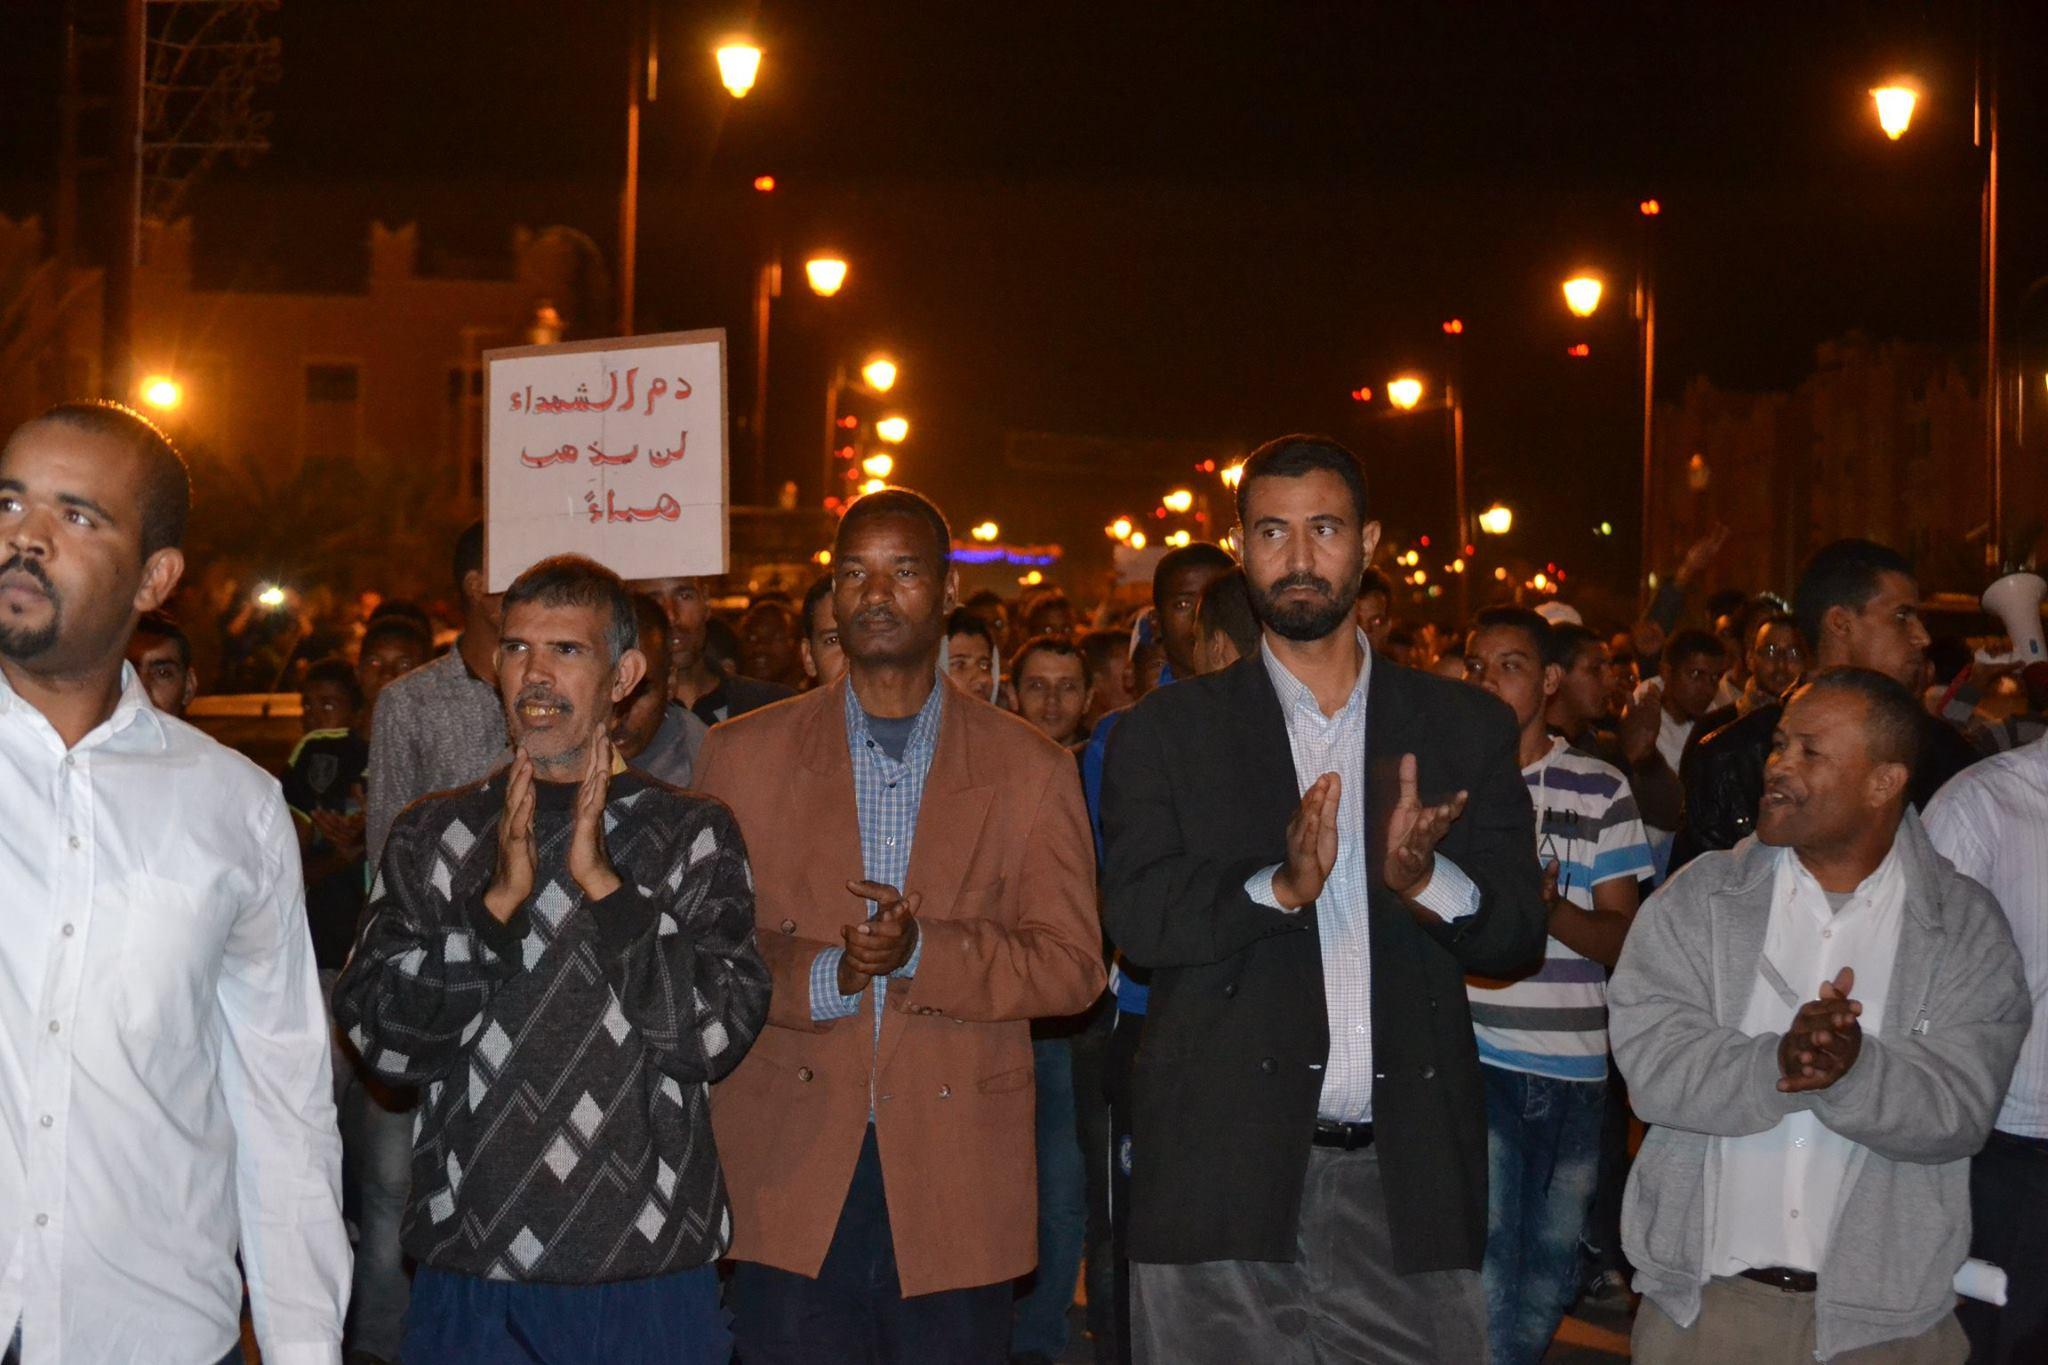 زاكورة .تنظيم مسيرة تنديدا بجريمة قتل الشهيد محسن فكري النكراء بالحسيمة